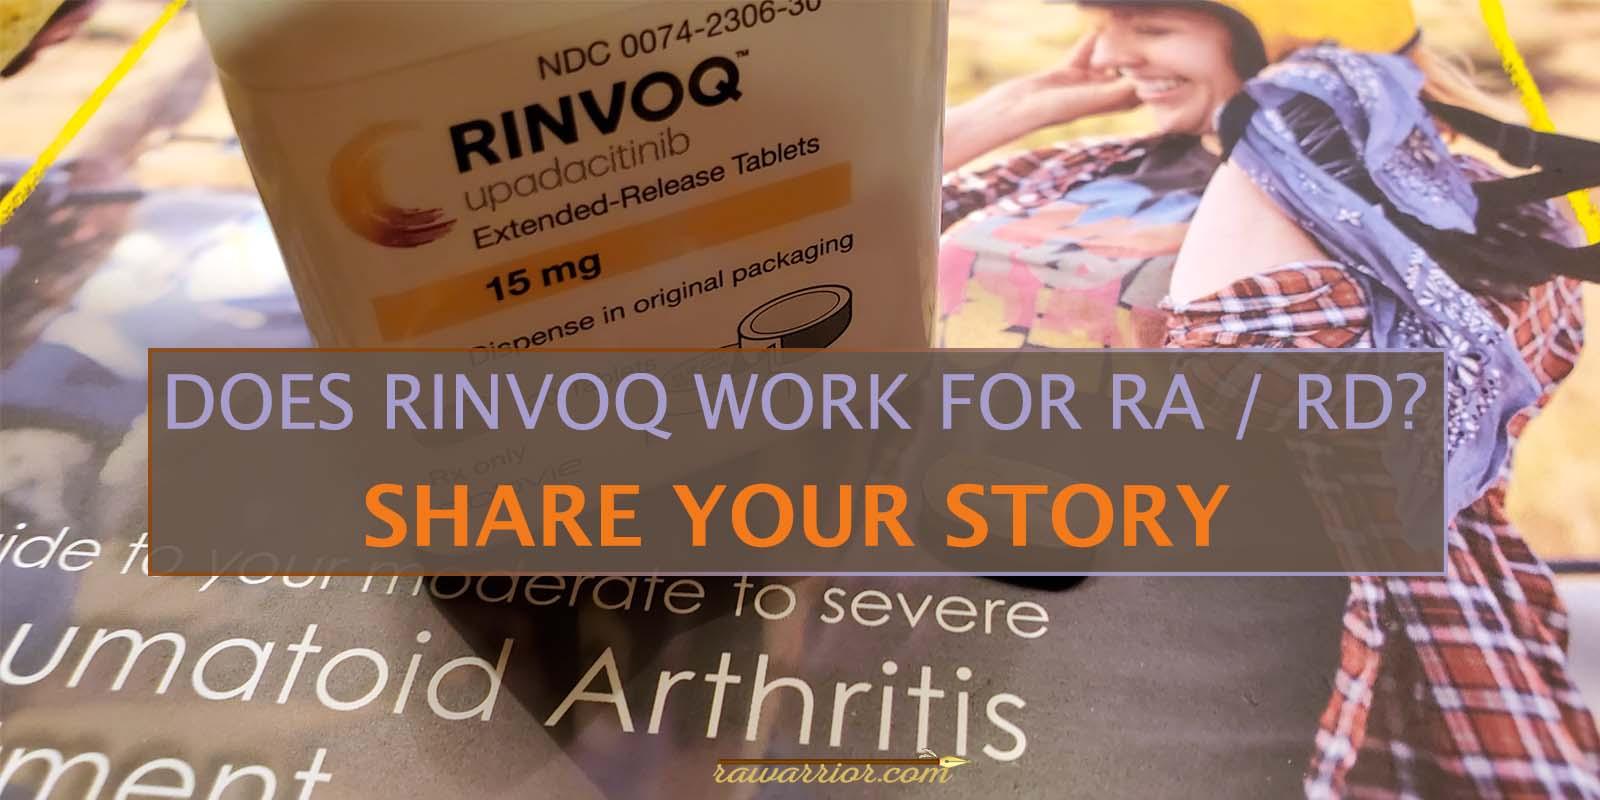 RINVOQ Medication for RA / RD